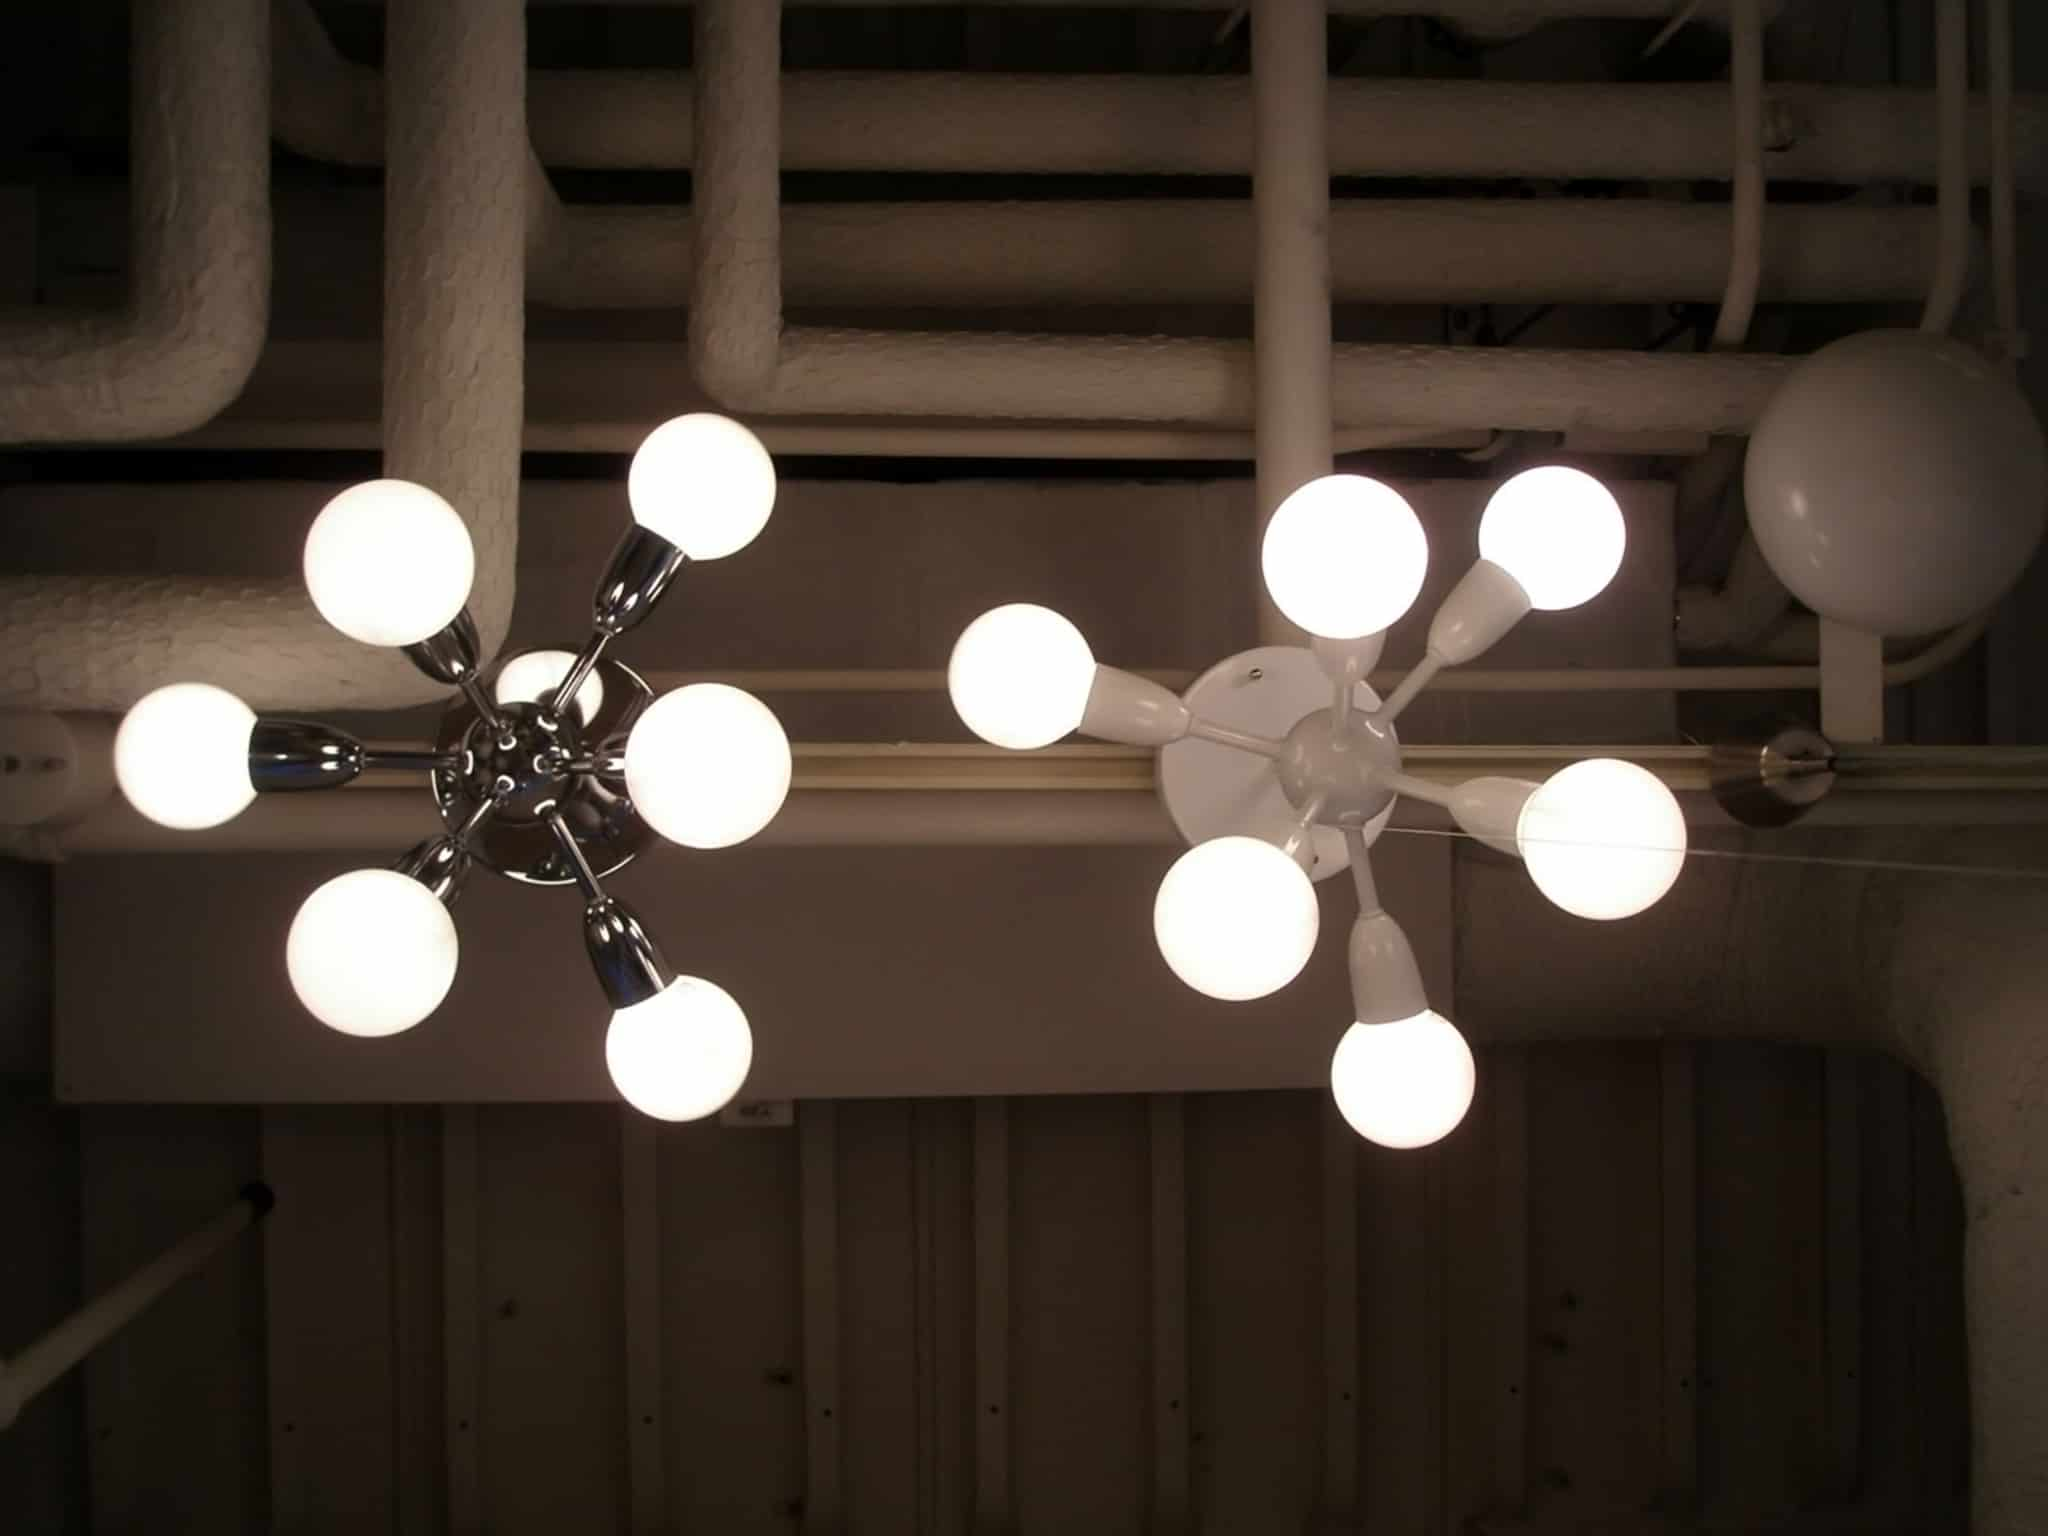 fatura da luz. dois candeeiros de teto para ilustrar a temática da energia